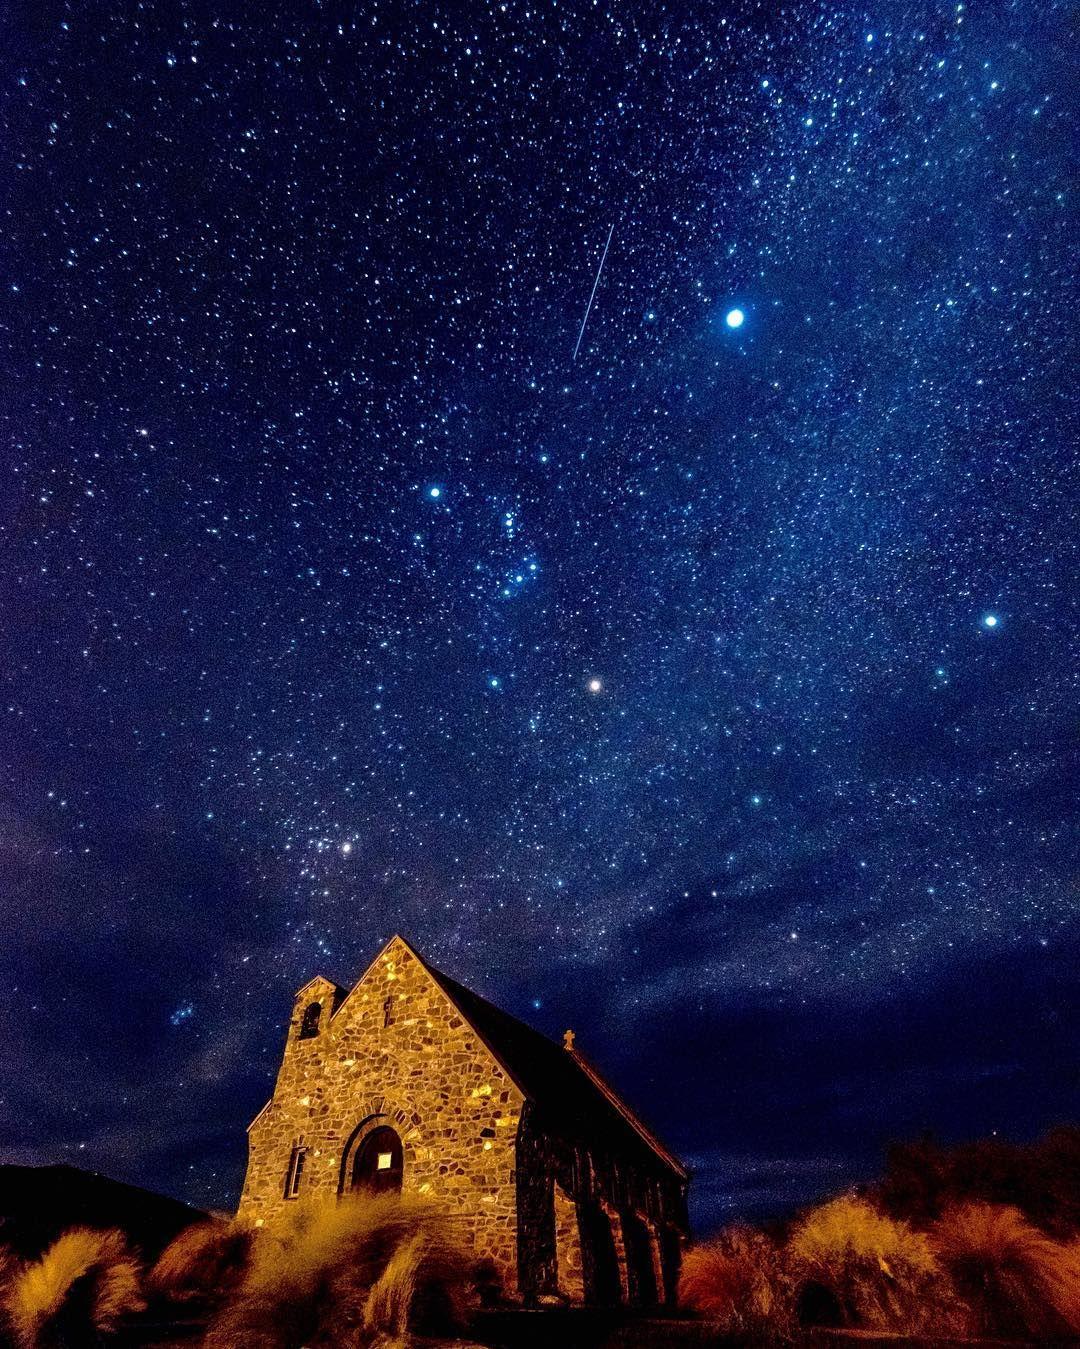 プロポーズされたい場所no 1 テカポ湖で ふたりだけの星 を見つけよう Retrip リトリップ 夜空 画像 風景 テカポ